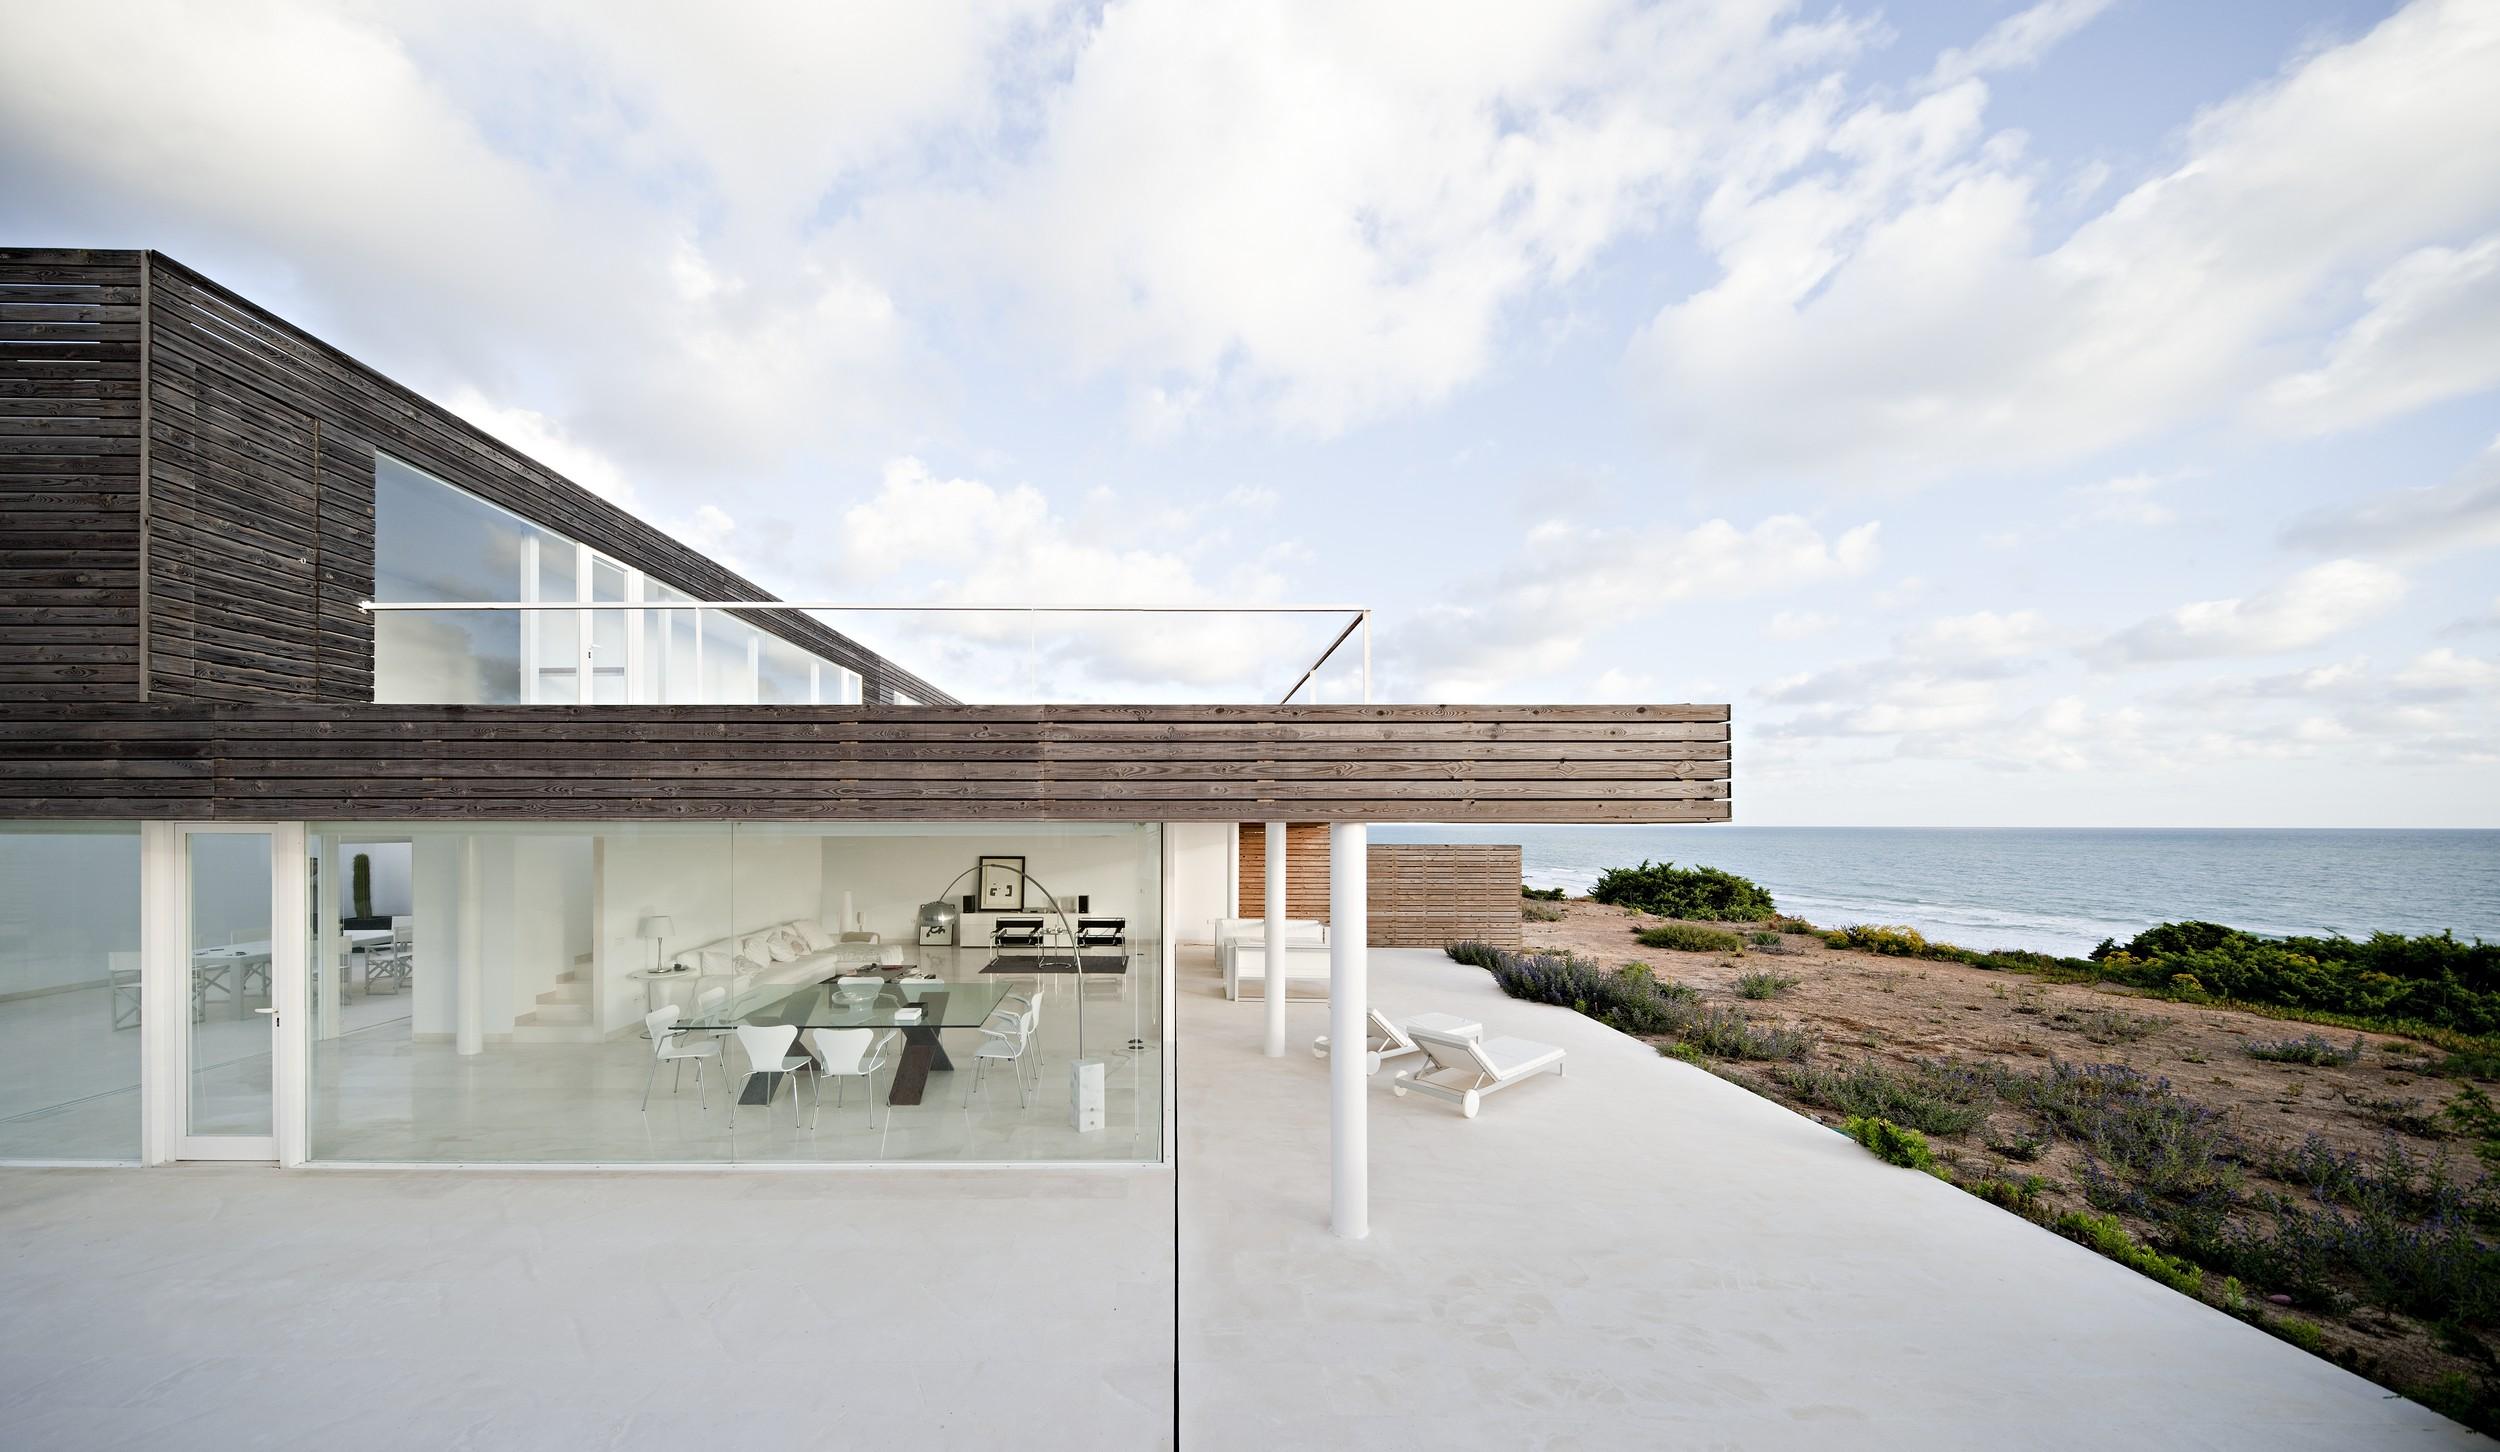 dbjc house alberto campo baeza archello. Black Bedroom Furniture Sets. Home Design Ideas